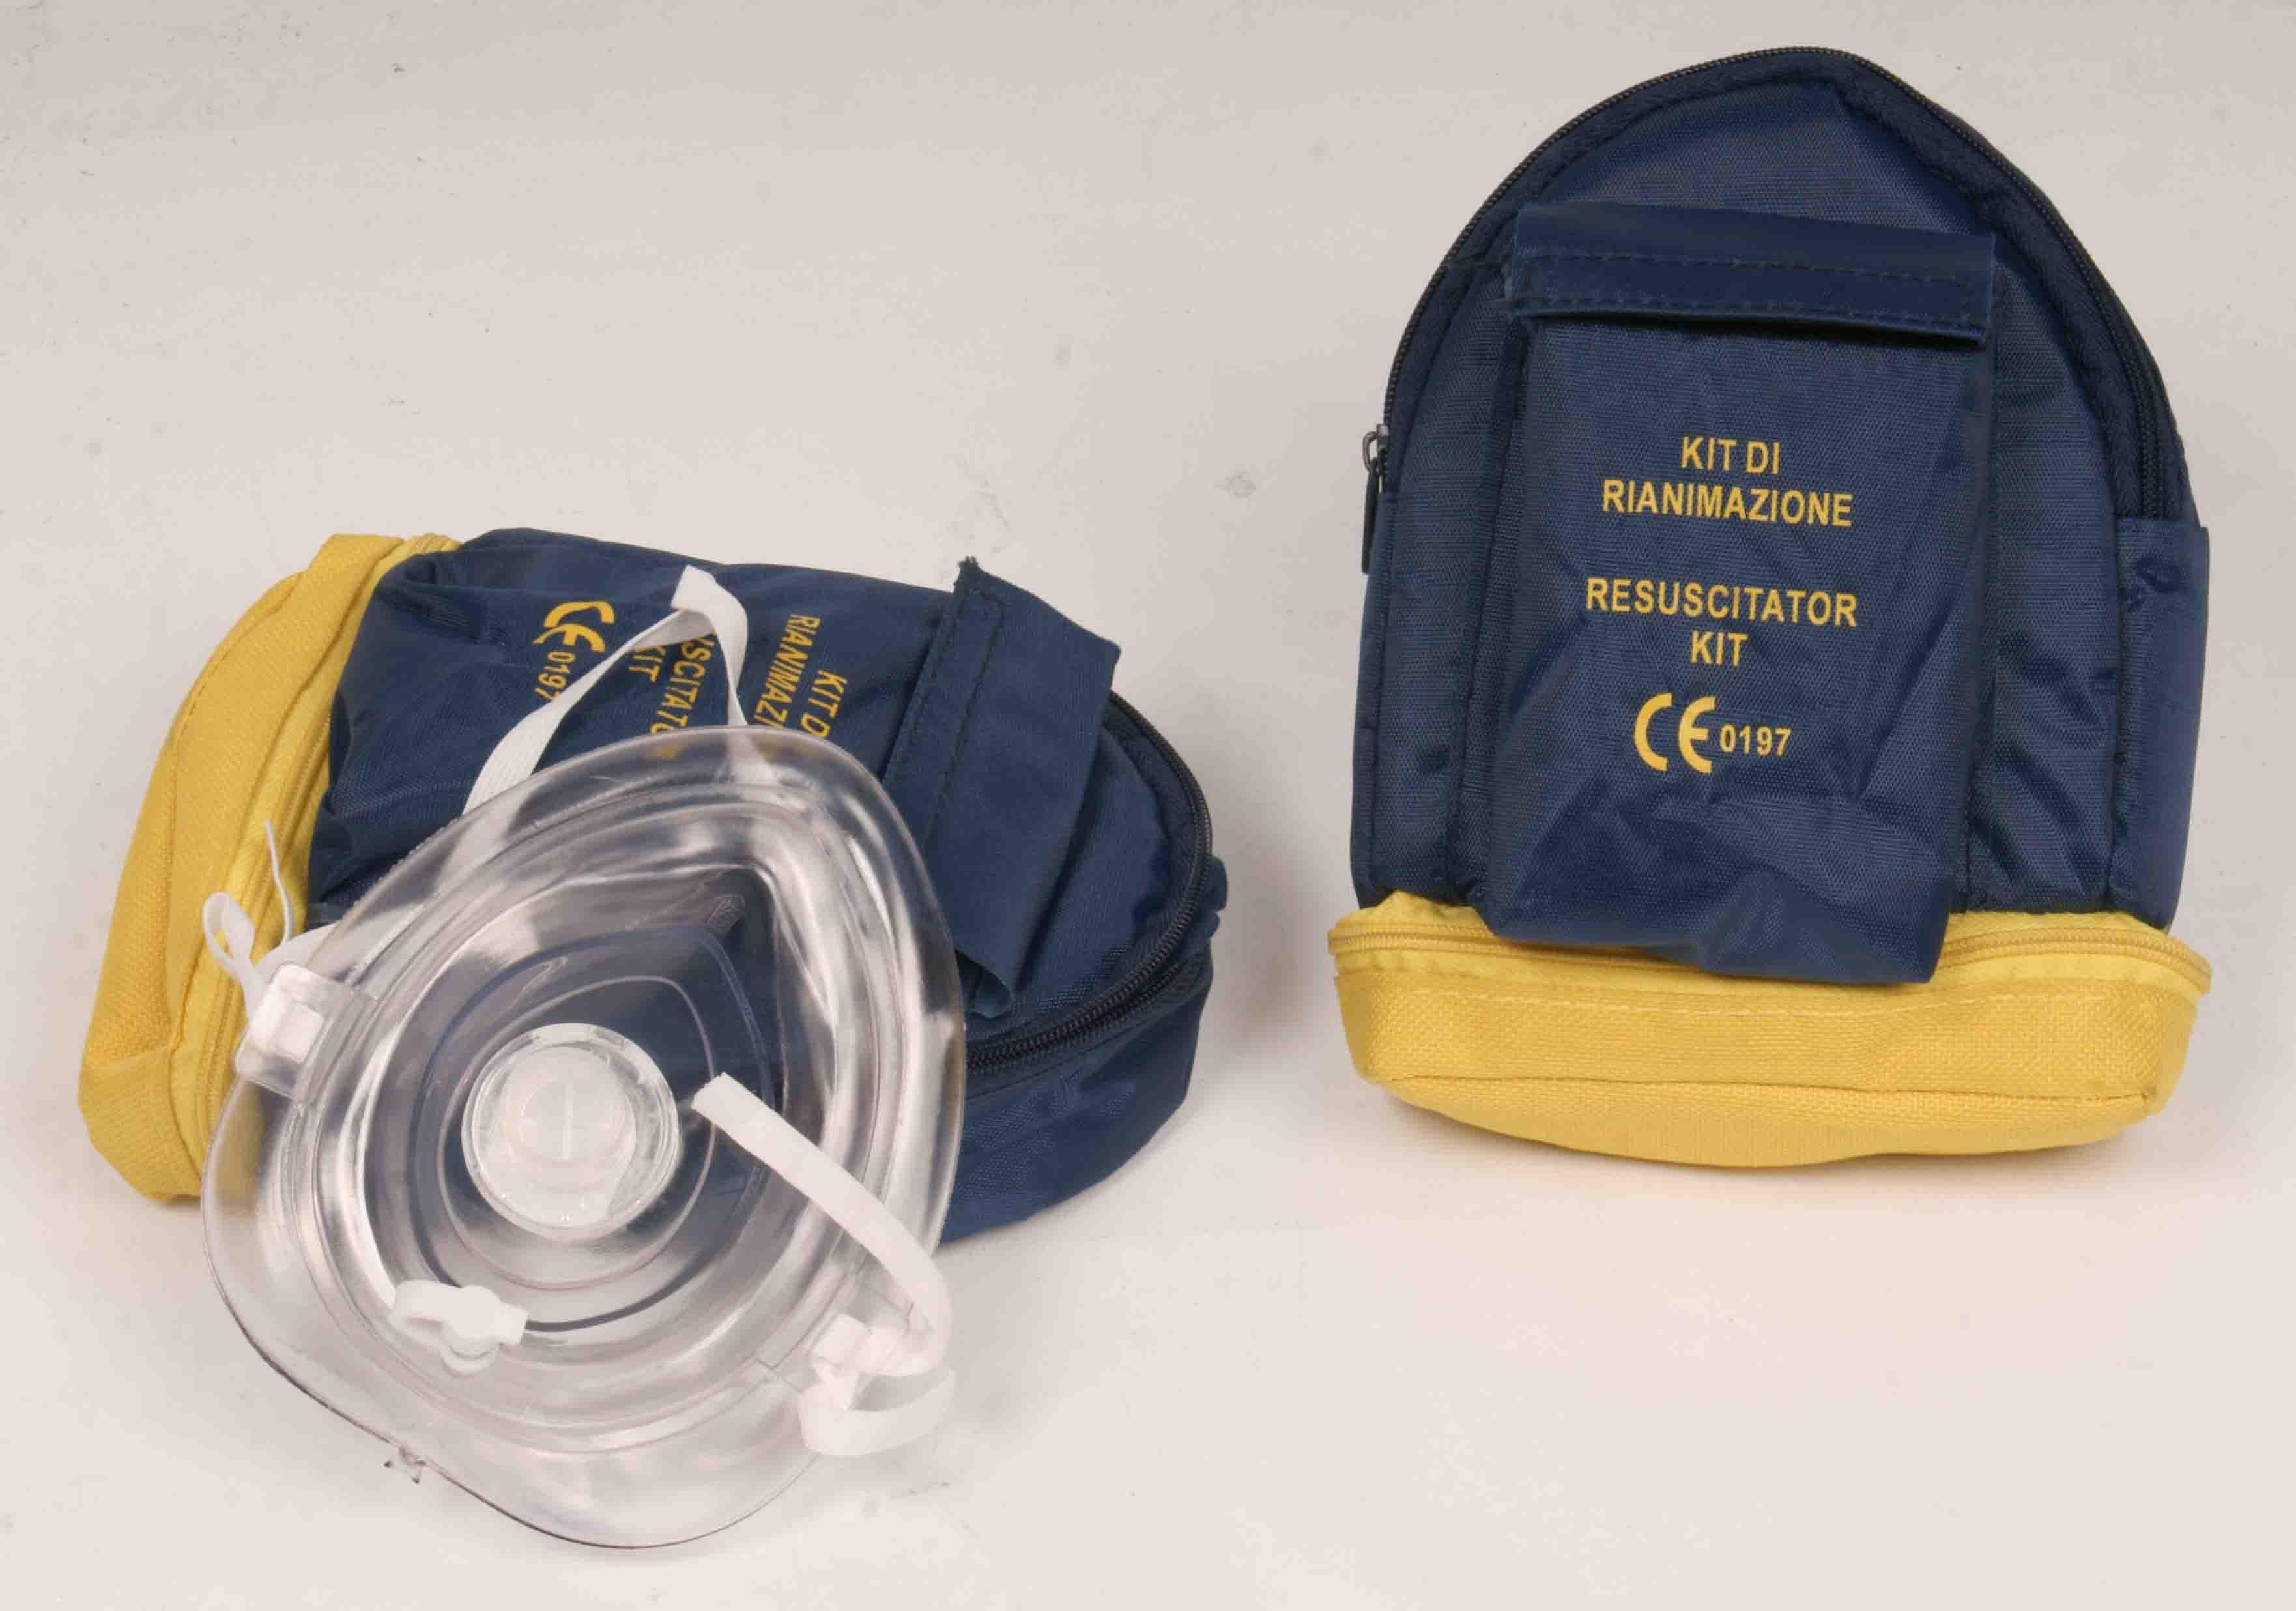 Pocket mask maschera rianimazione bocca bocca in borsetta - Kit misuratore di pressione e portata idranti prezzo ...